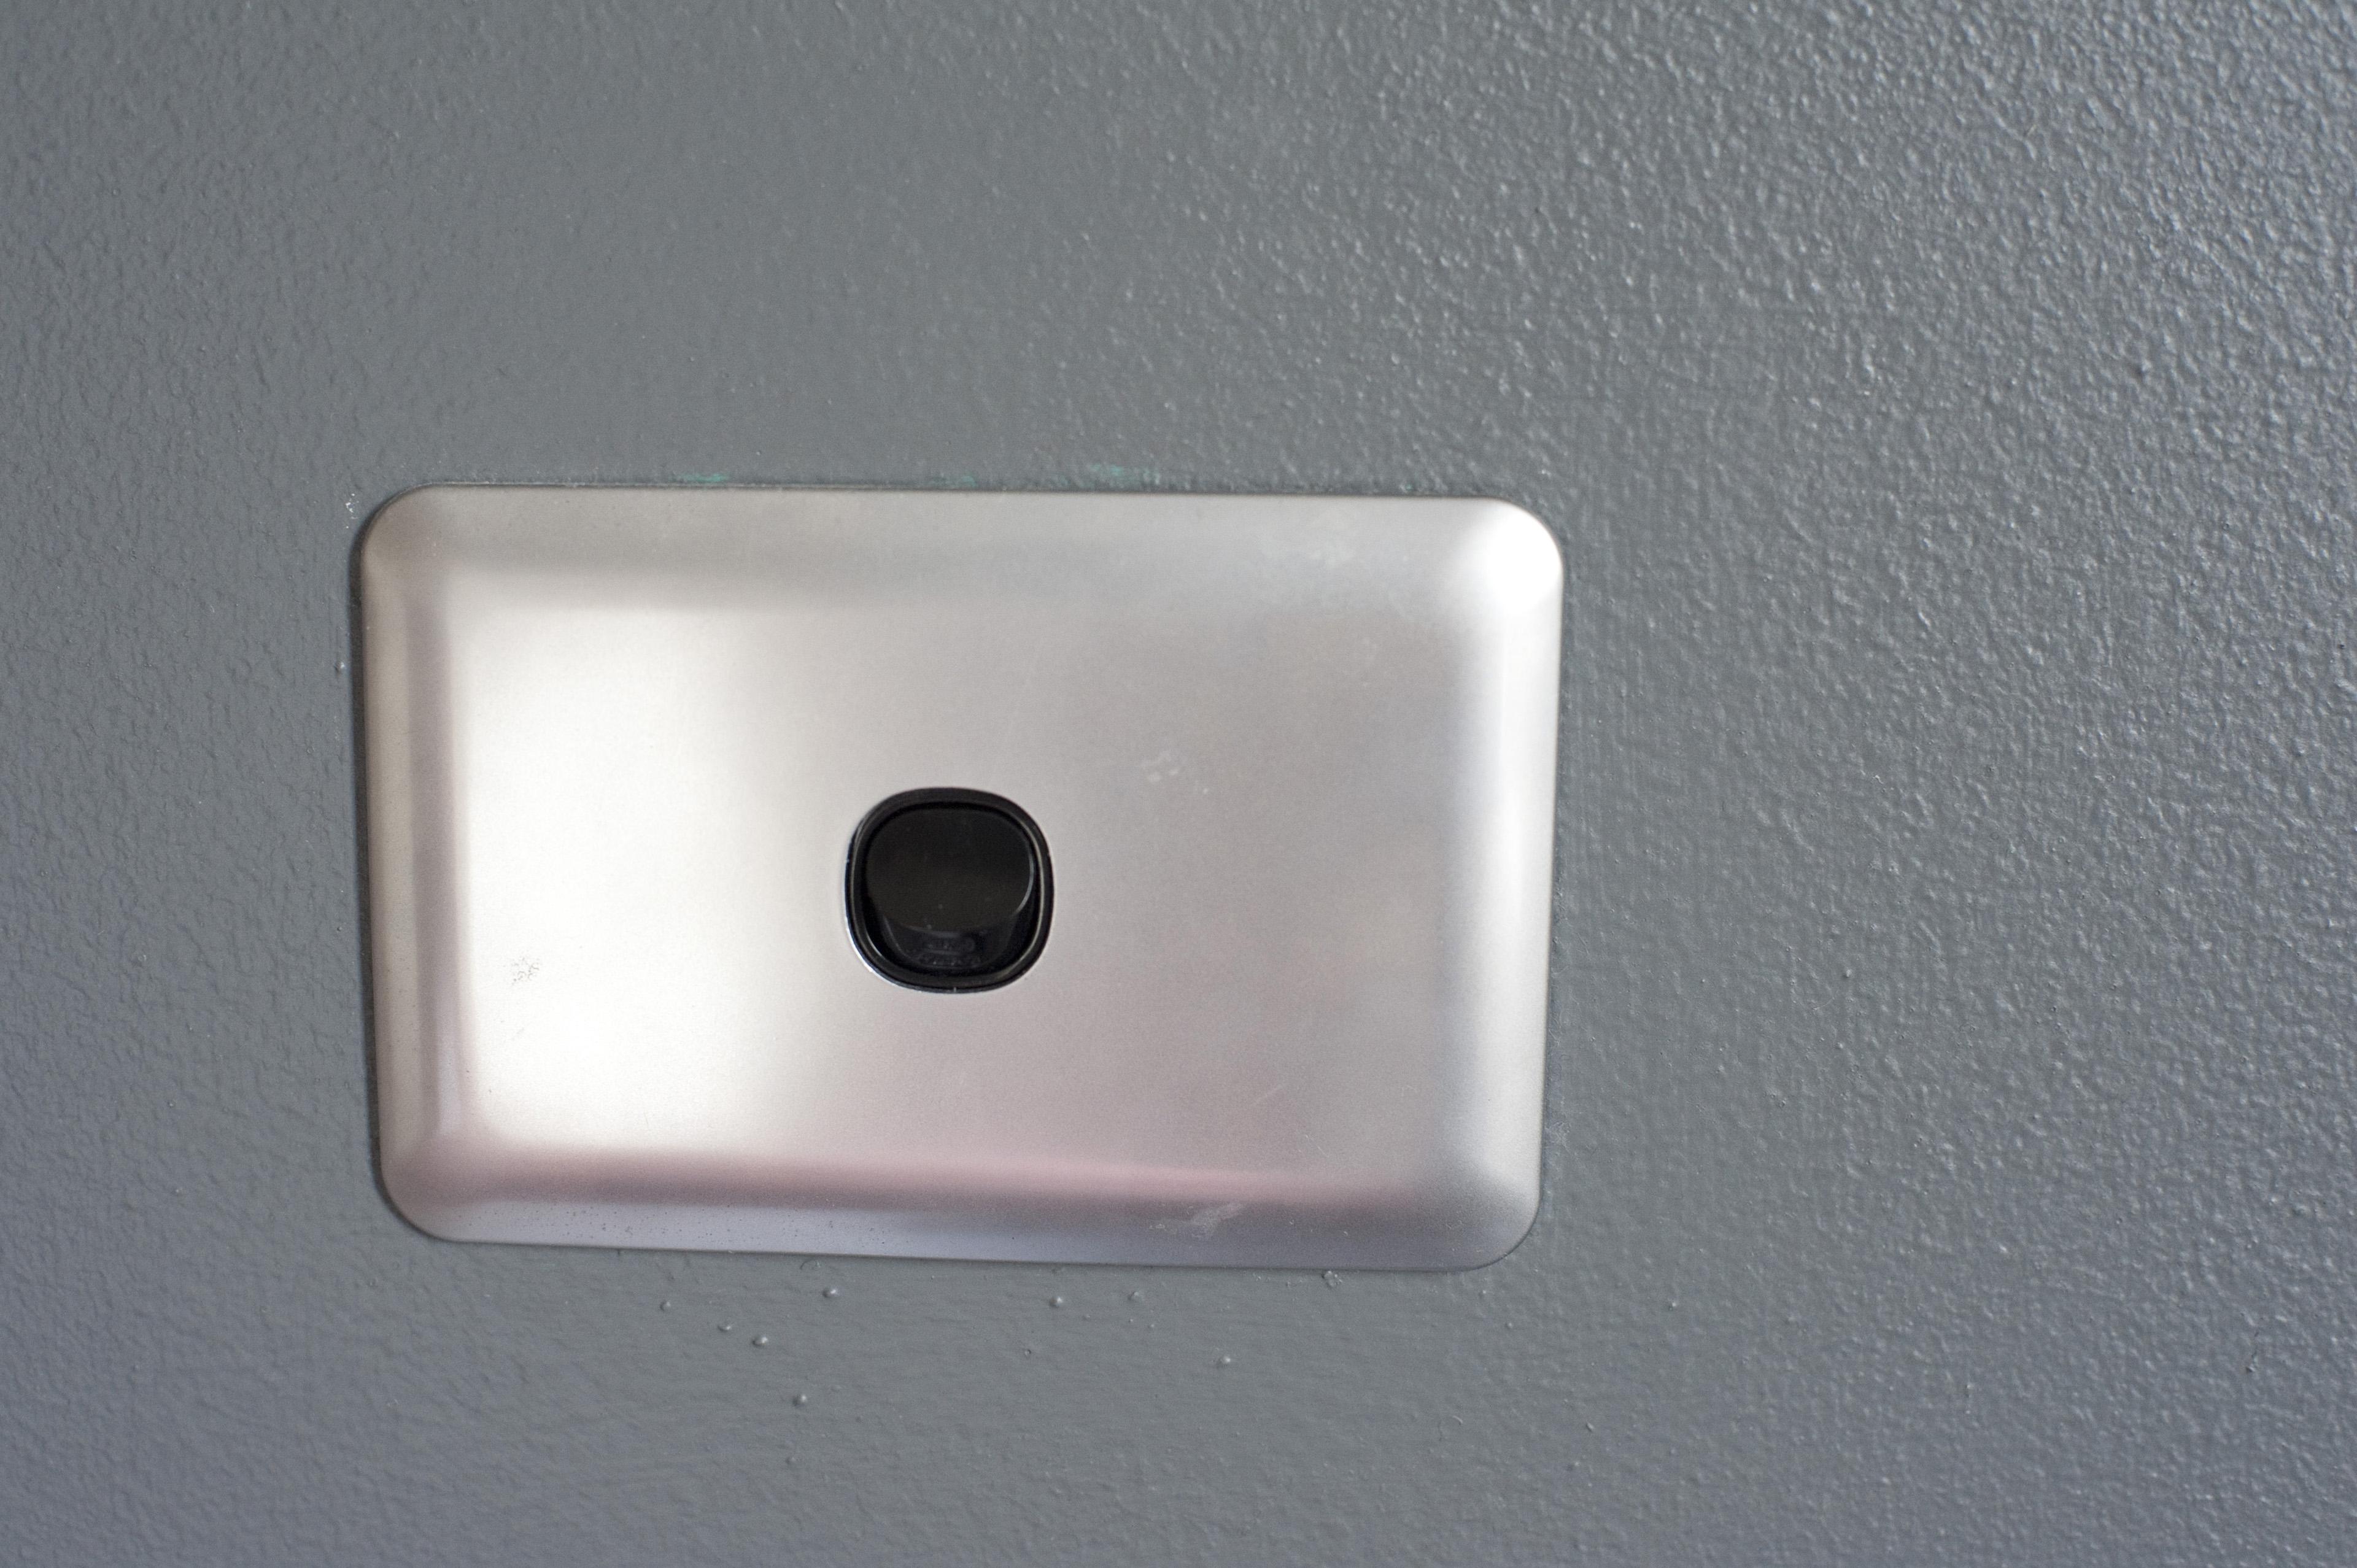 Image of Antenna socket | Freebie Photography